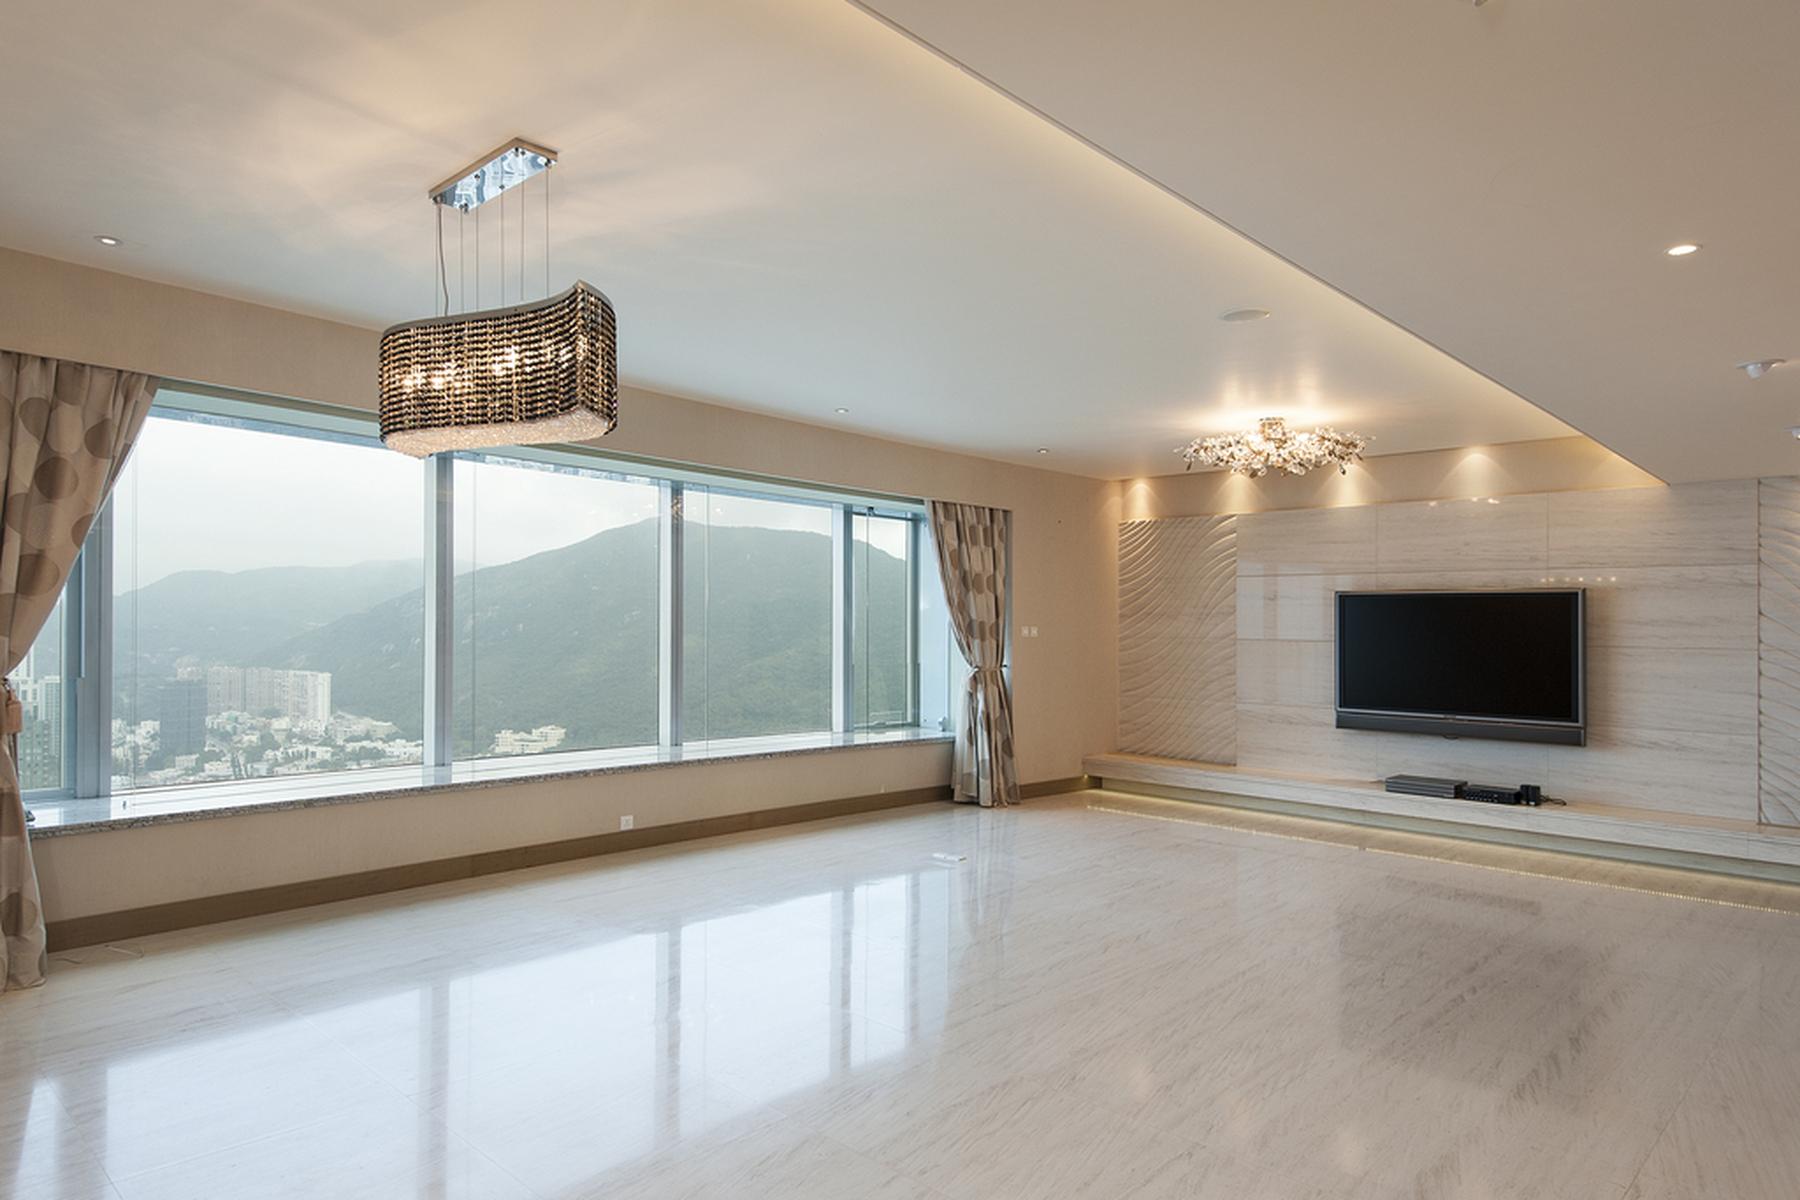 Квартира для того Продажа на HighCliff Midlevels East, Гонконг